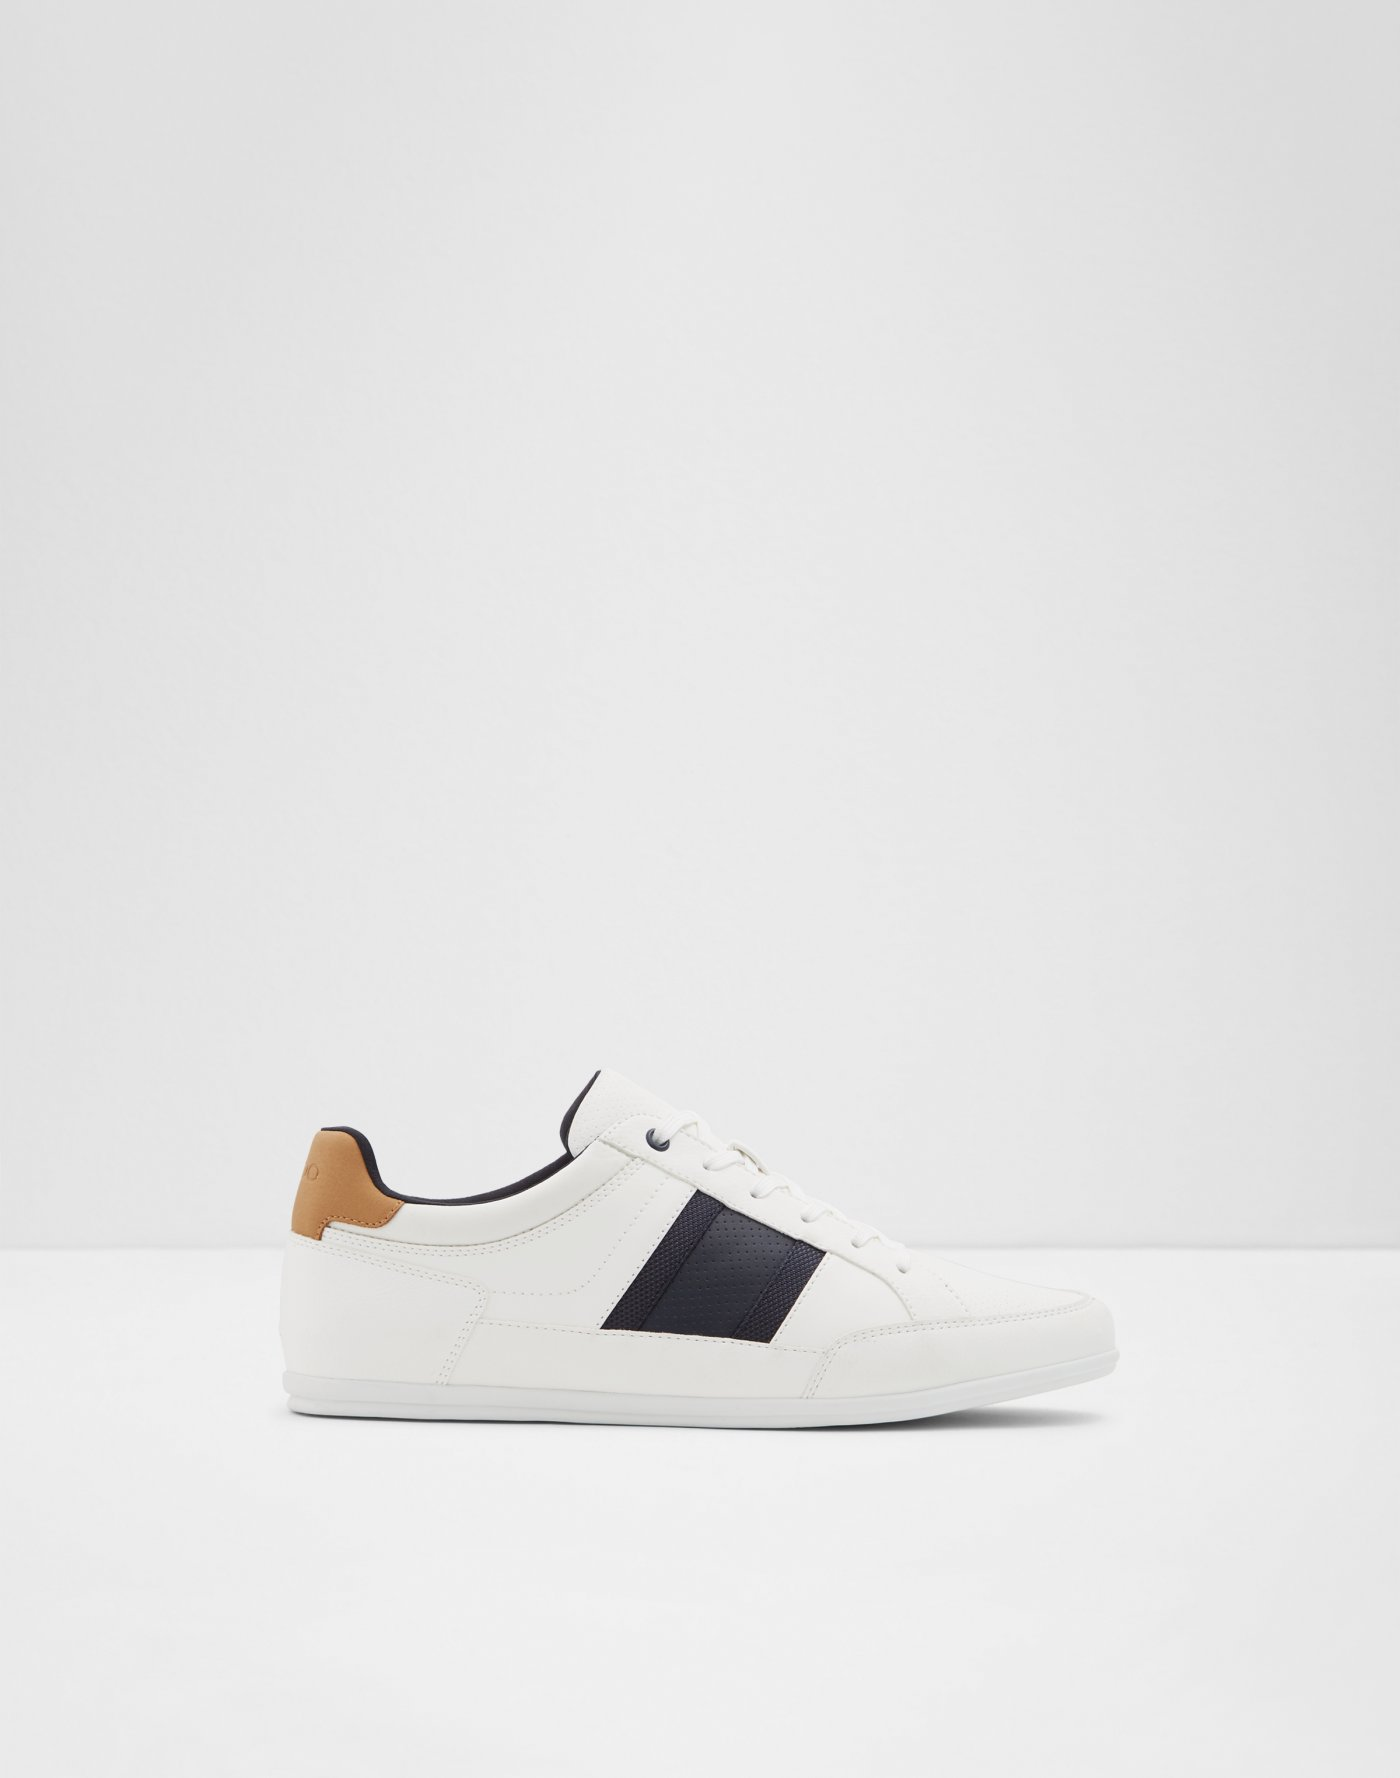 4d47c77d49f Footwear | Aldoshoes.com US